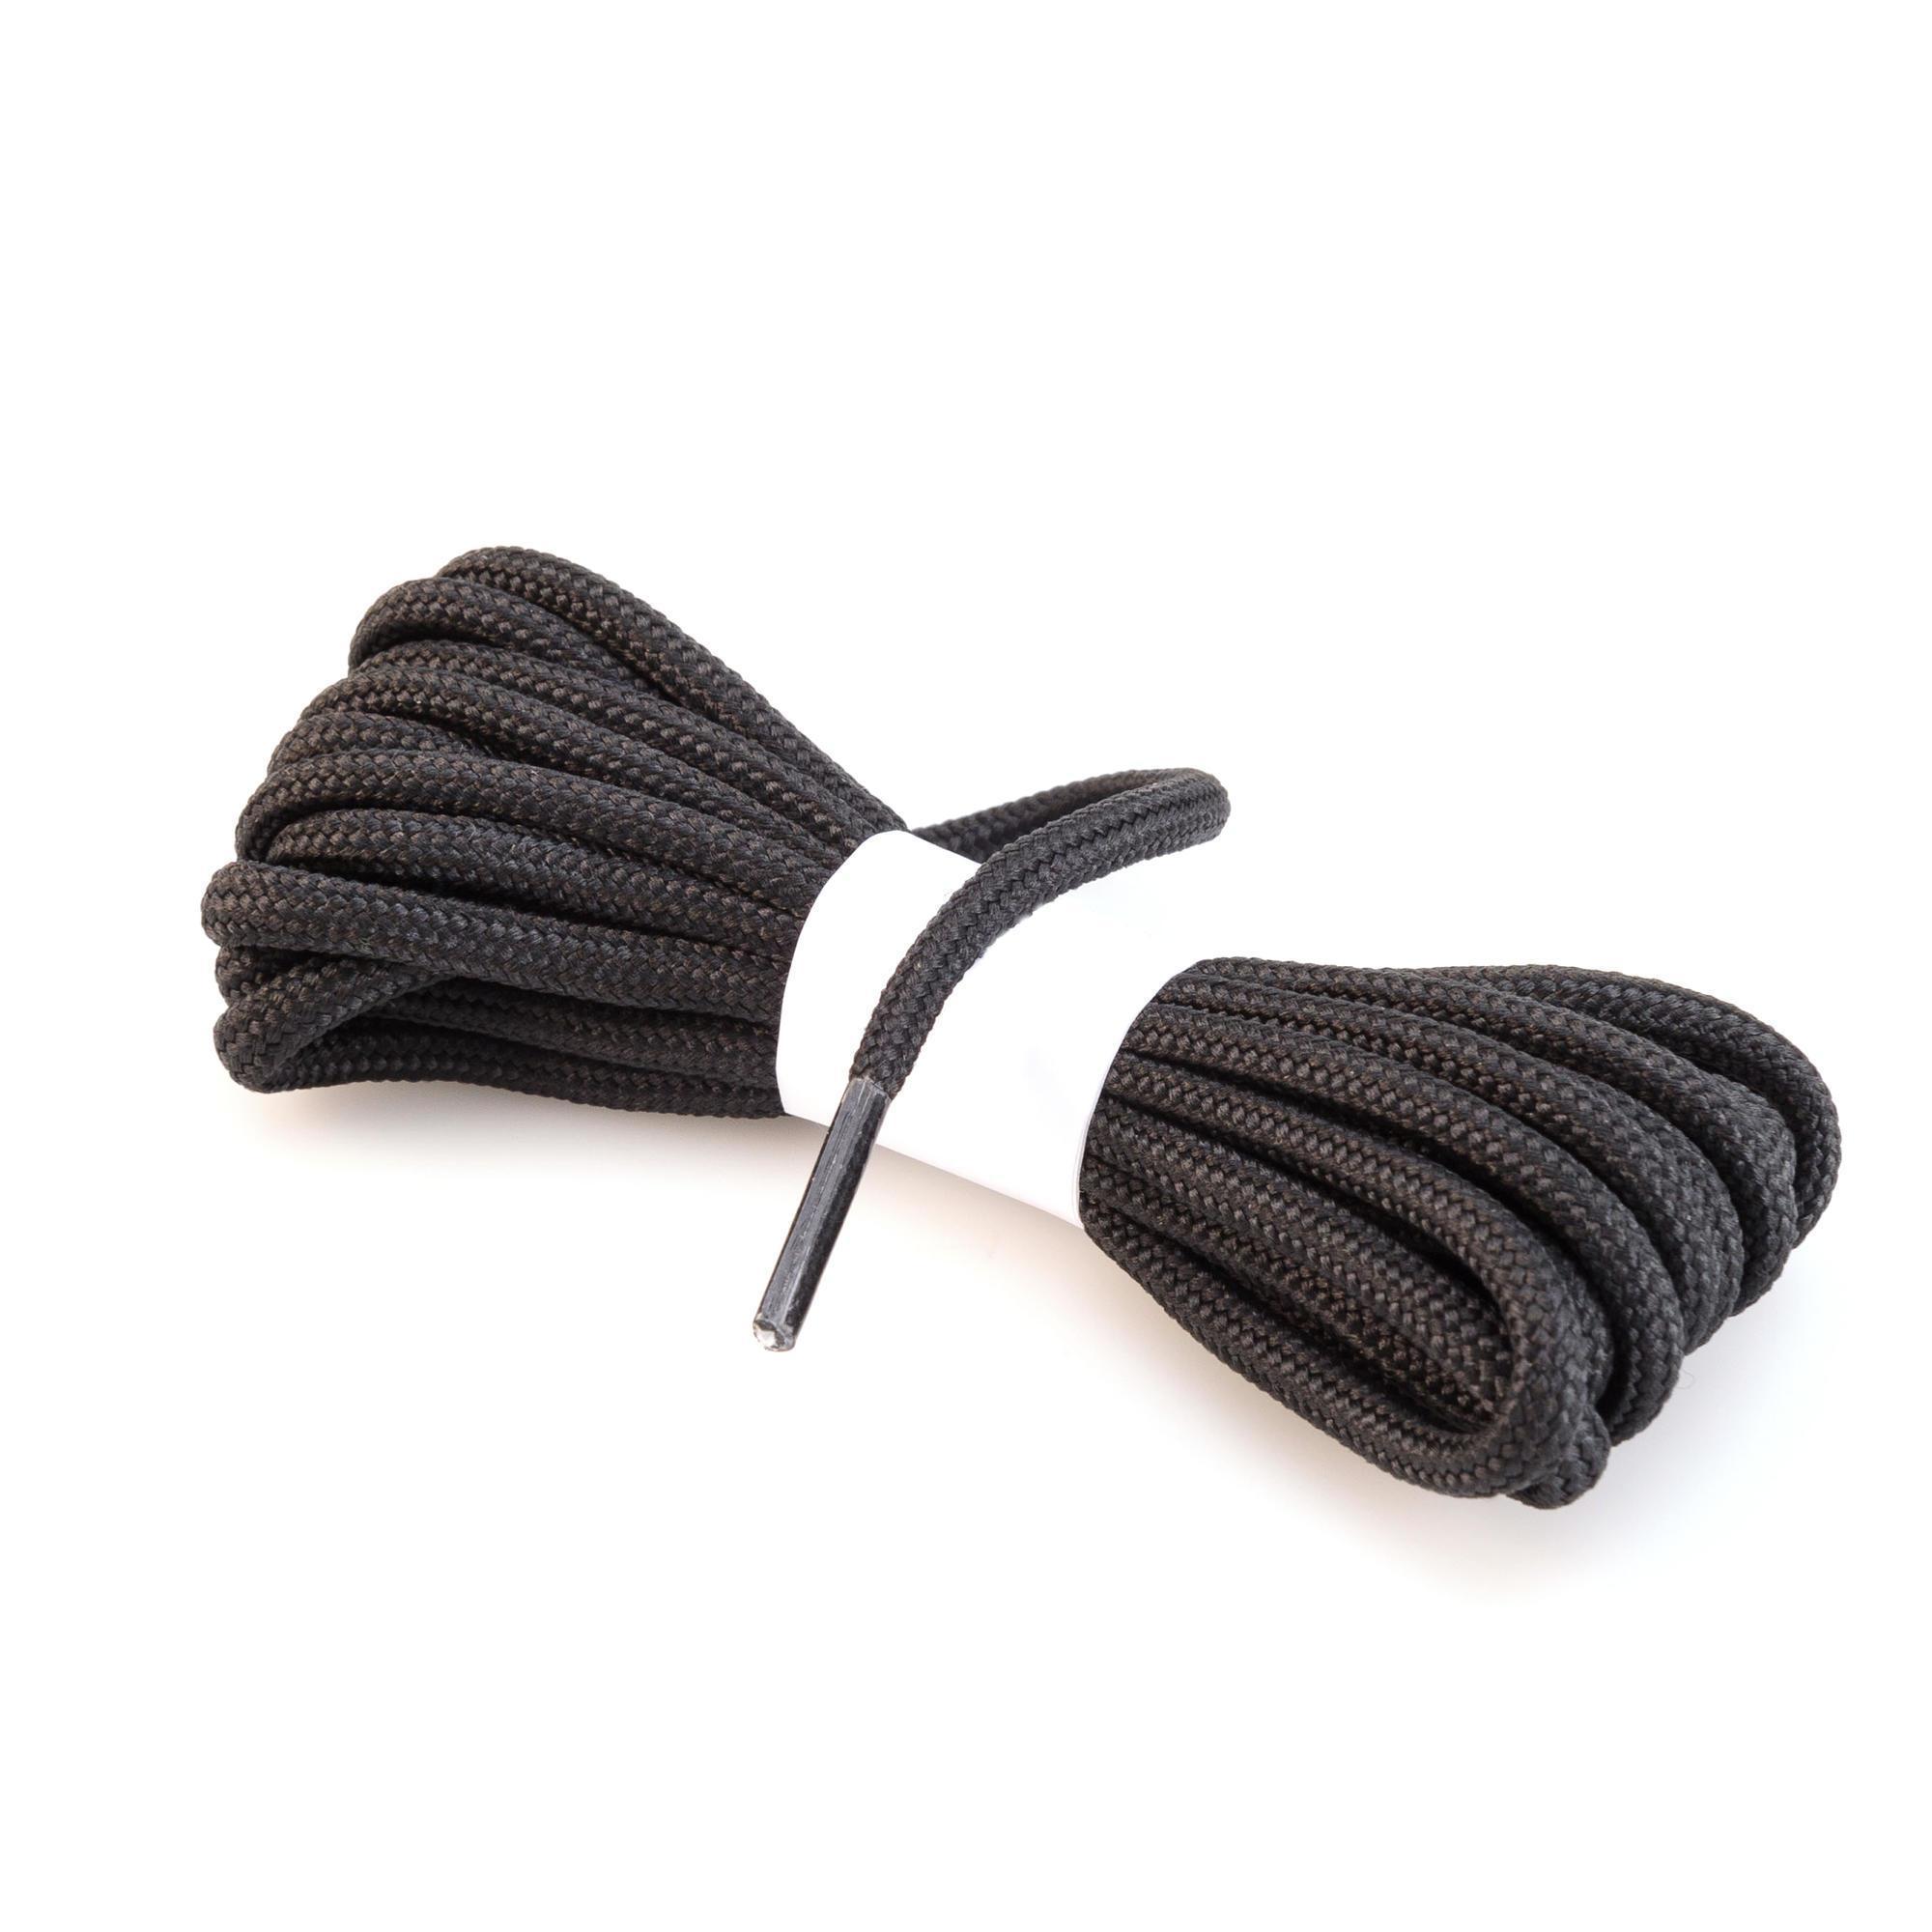 738cfbe2ddf8d Cordones redondos de botas de senderismo negro y naranja Quechua ...